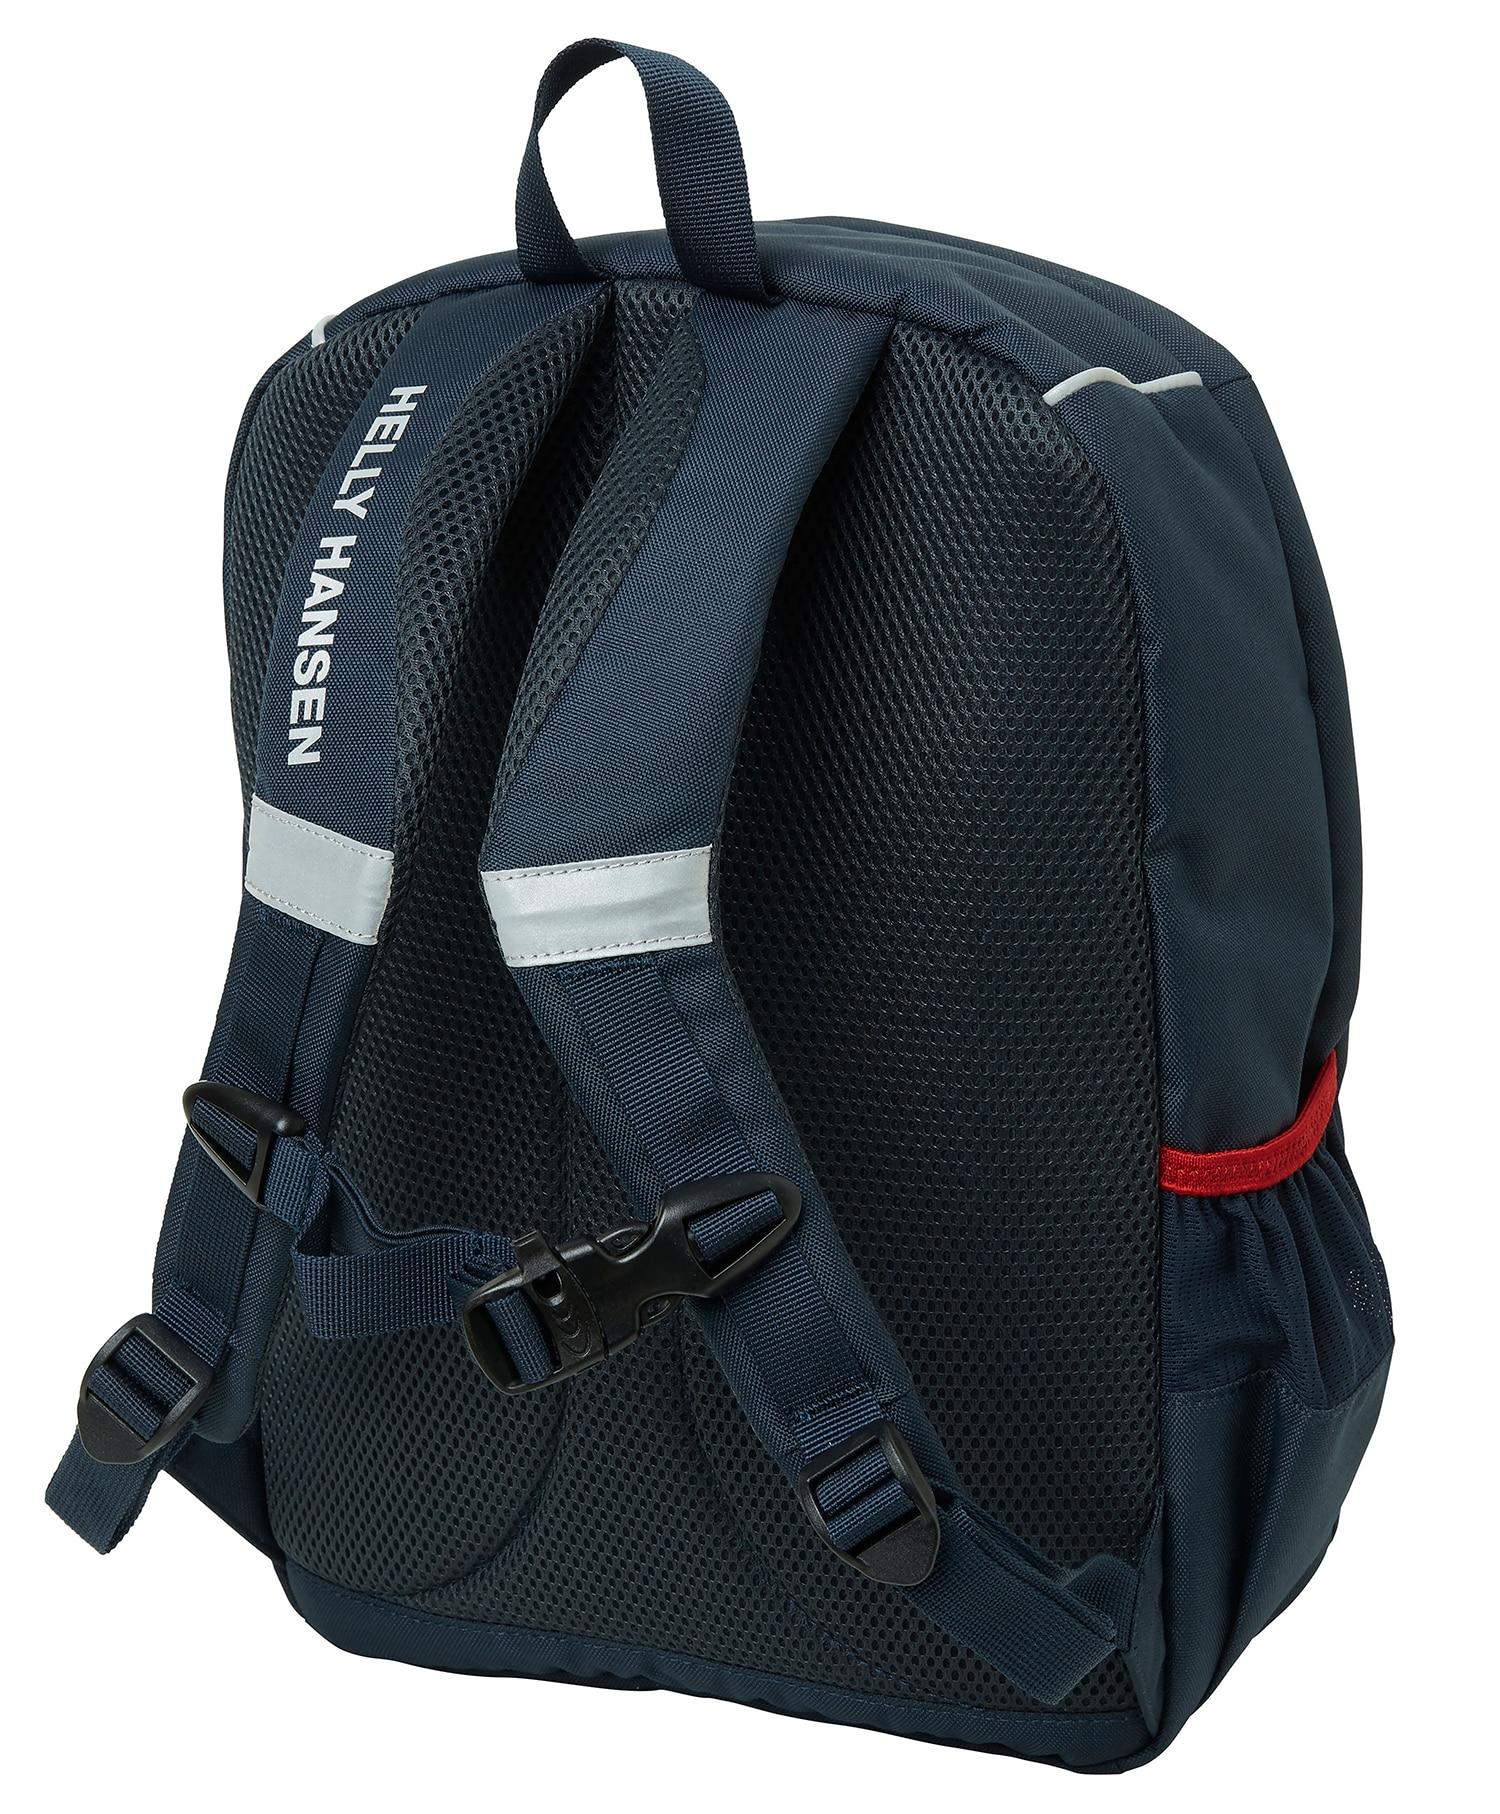 Helly Hansen Hopalong Jr Backpack